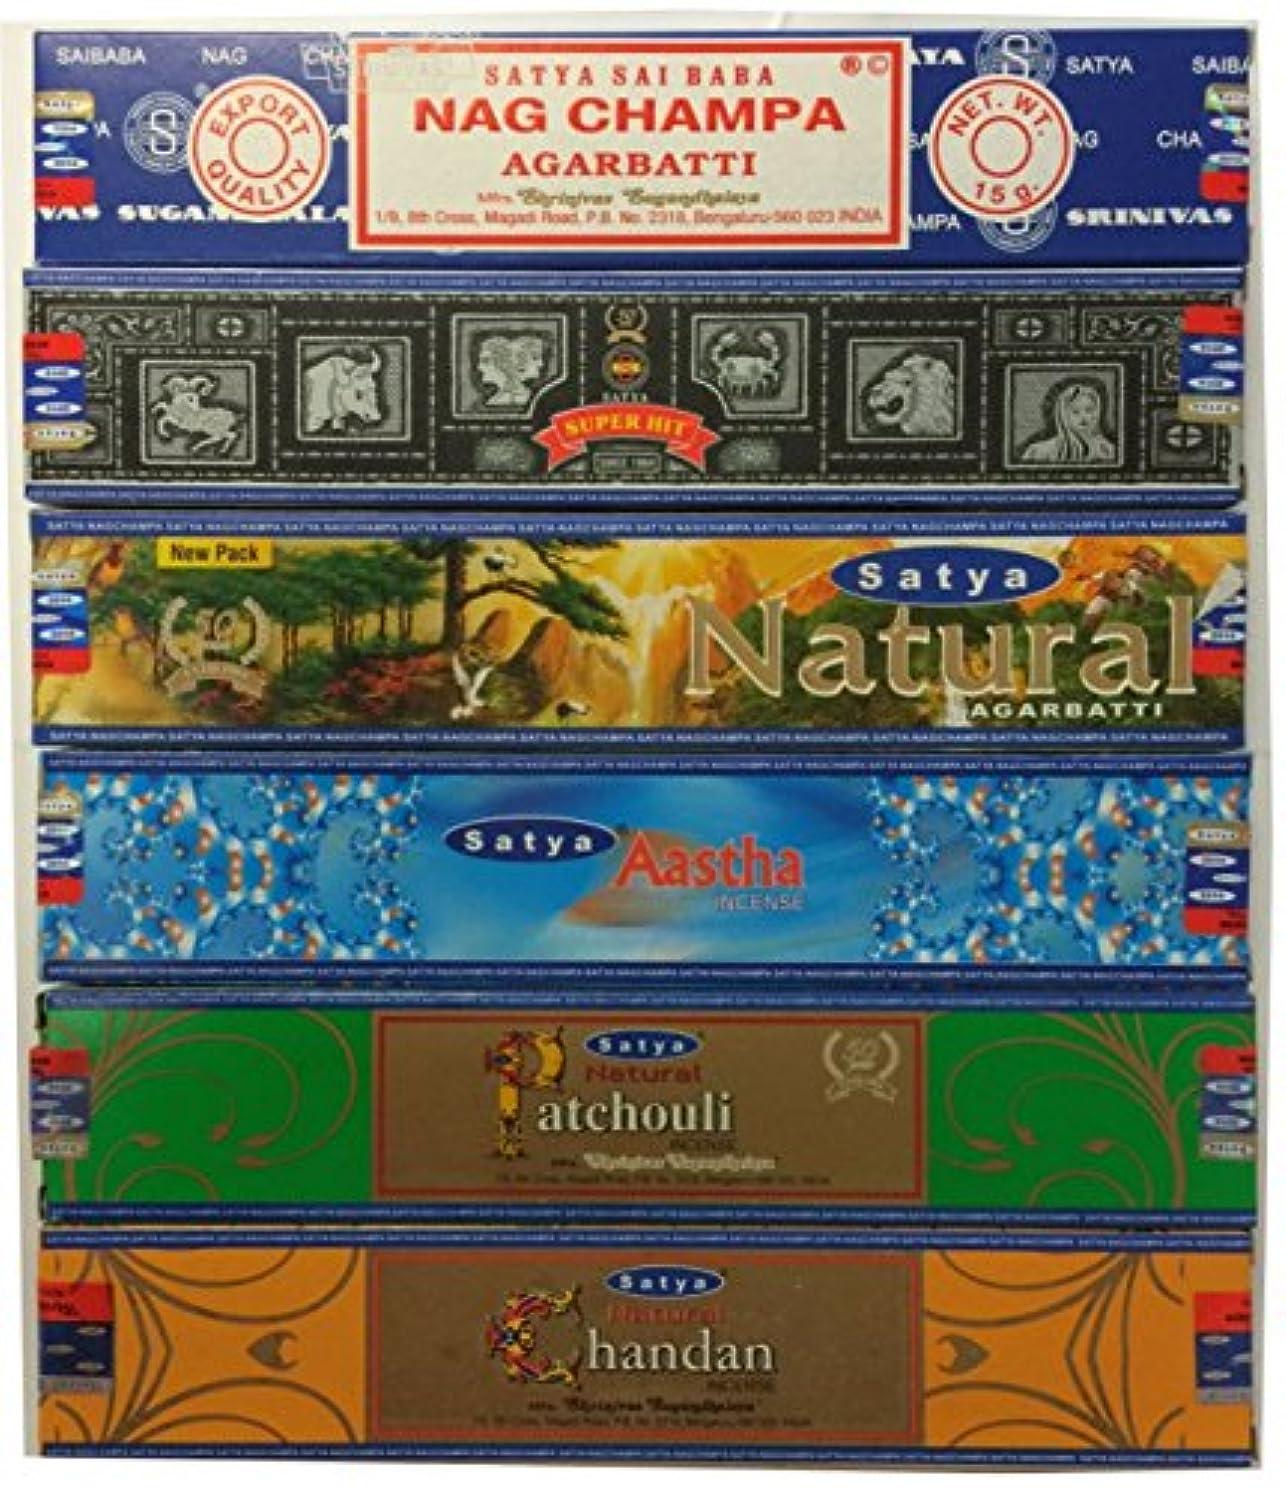 宮殿下る減衰Set of 6 Nag Champa SuperHit自然Aastha Chandan Patchouli By Satya